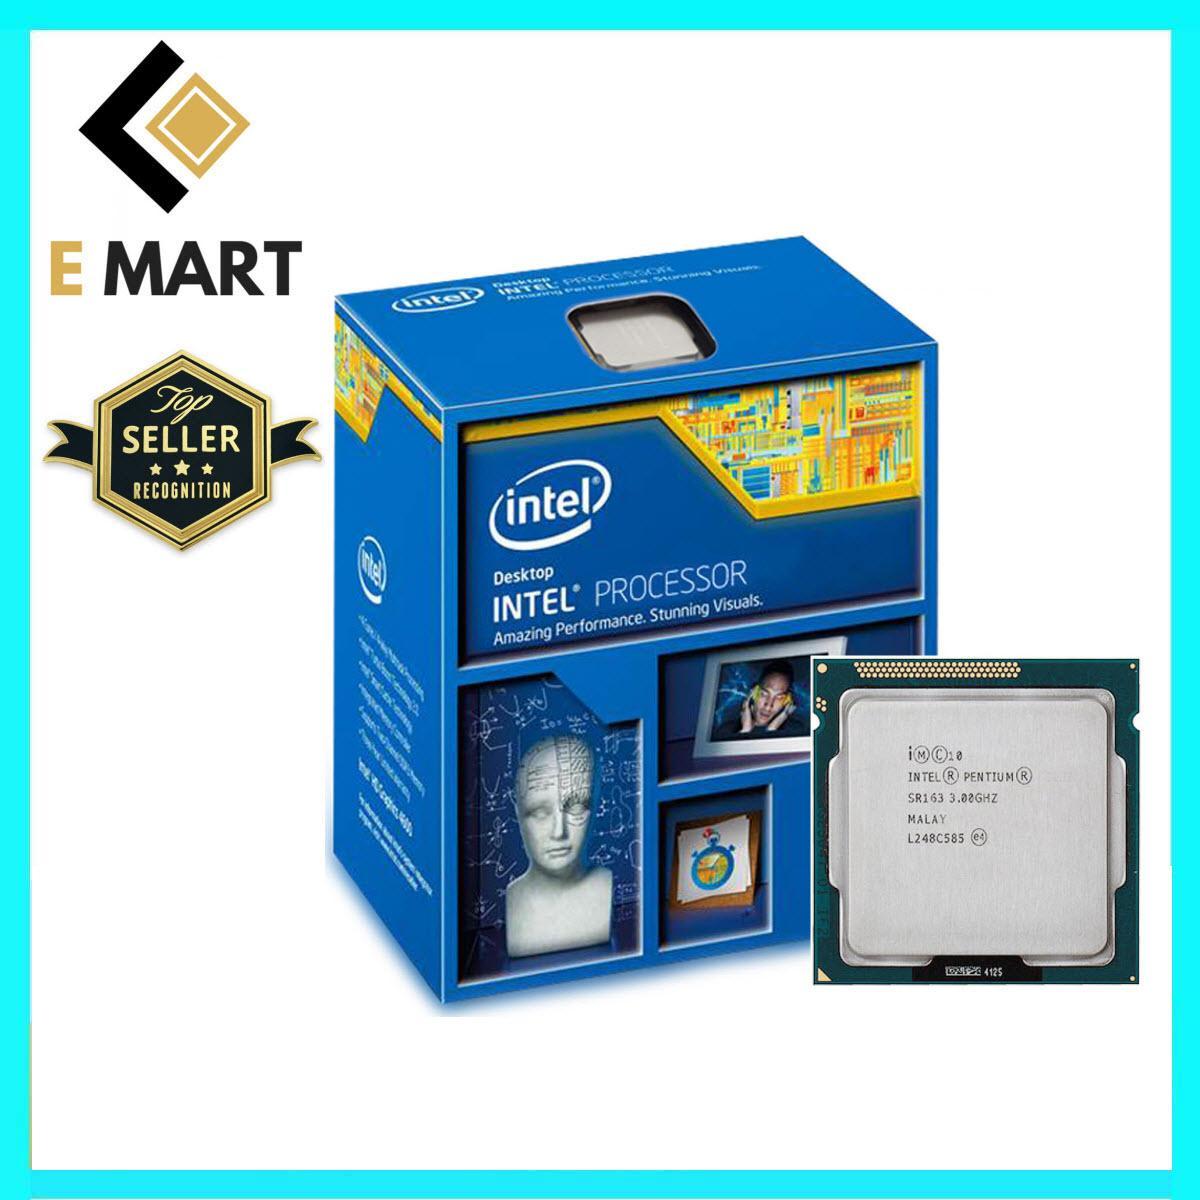 Bộ vi xử lý Intel CPU Pentium G3220 (2 lõi - 2 luồng) Chất Lượng Tốt - Hàng Nhập Khẩu